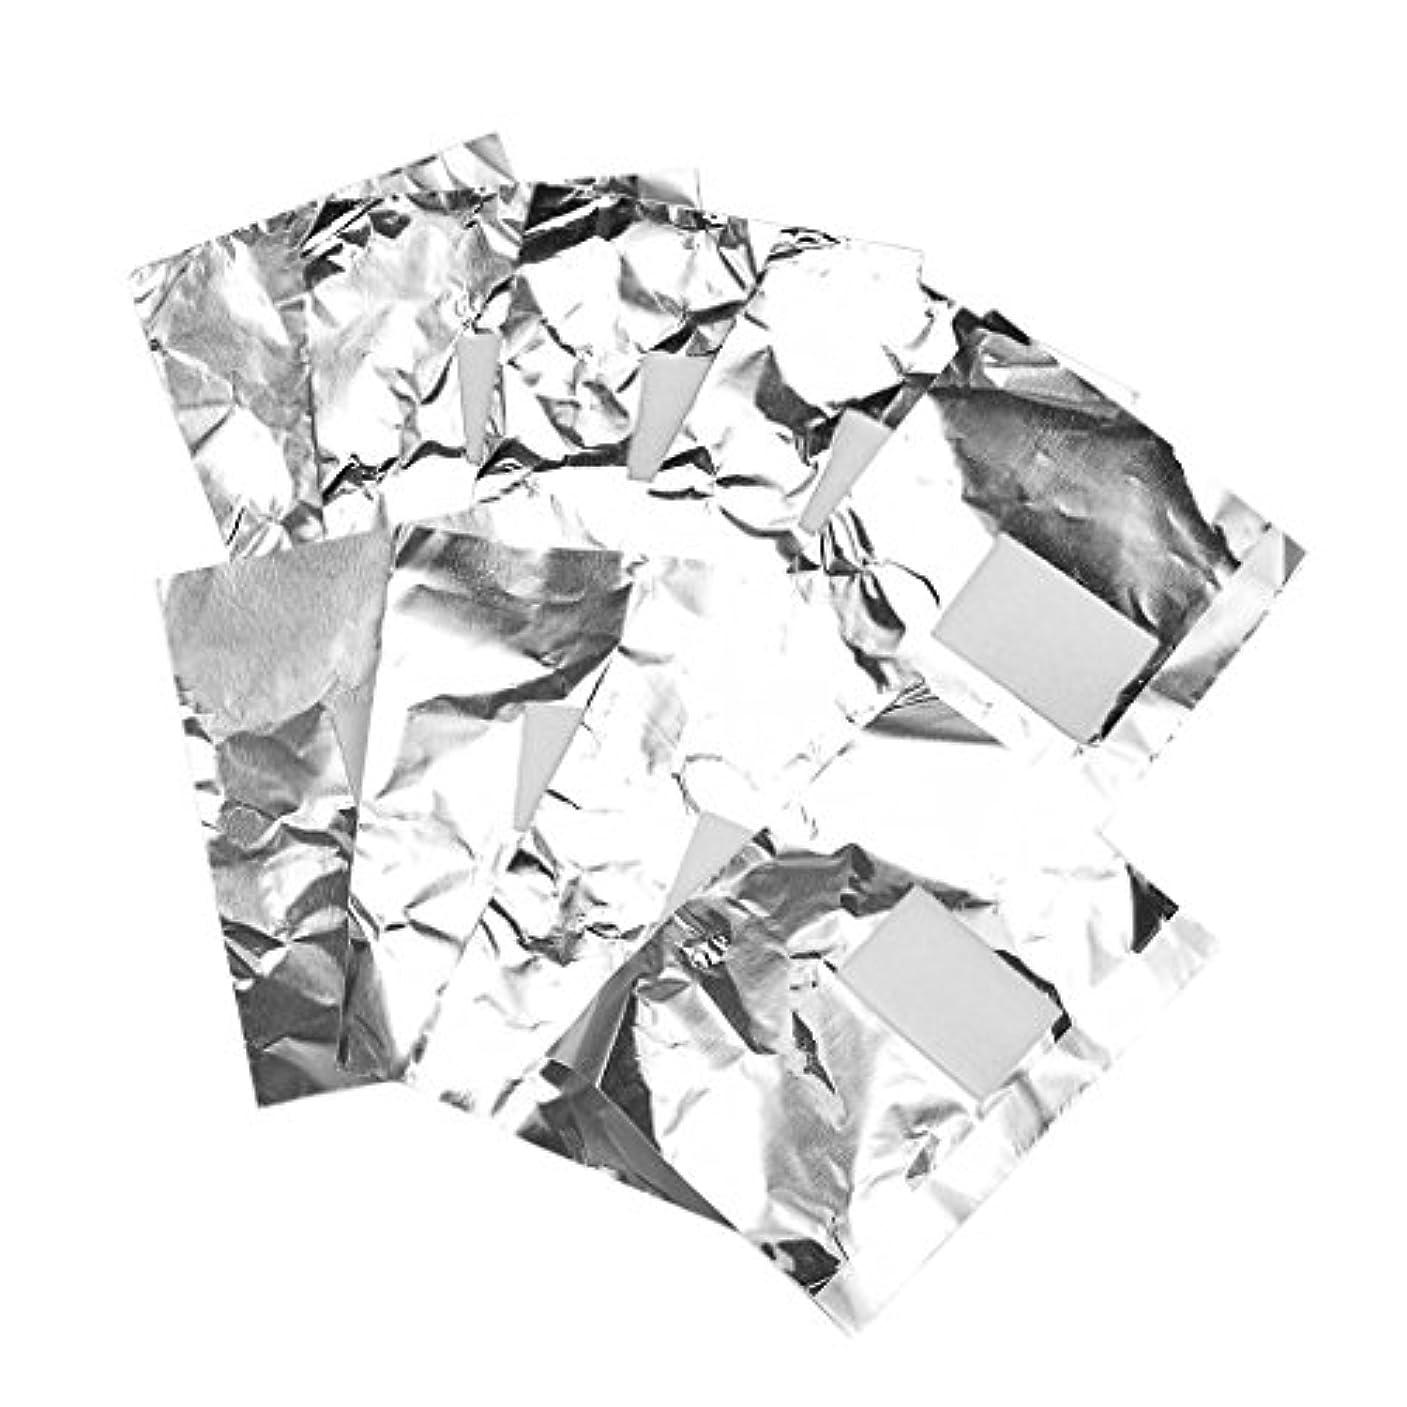 ストレージマグ減衰約100枚 ジェル除却 ネイルアート 錫箔紙 のり除却可能 ネイルオイル クリーナーツール 爪装飾除き 包み紙